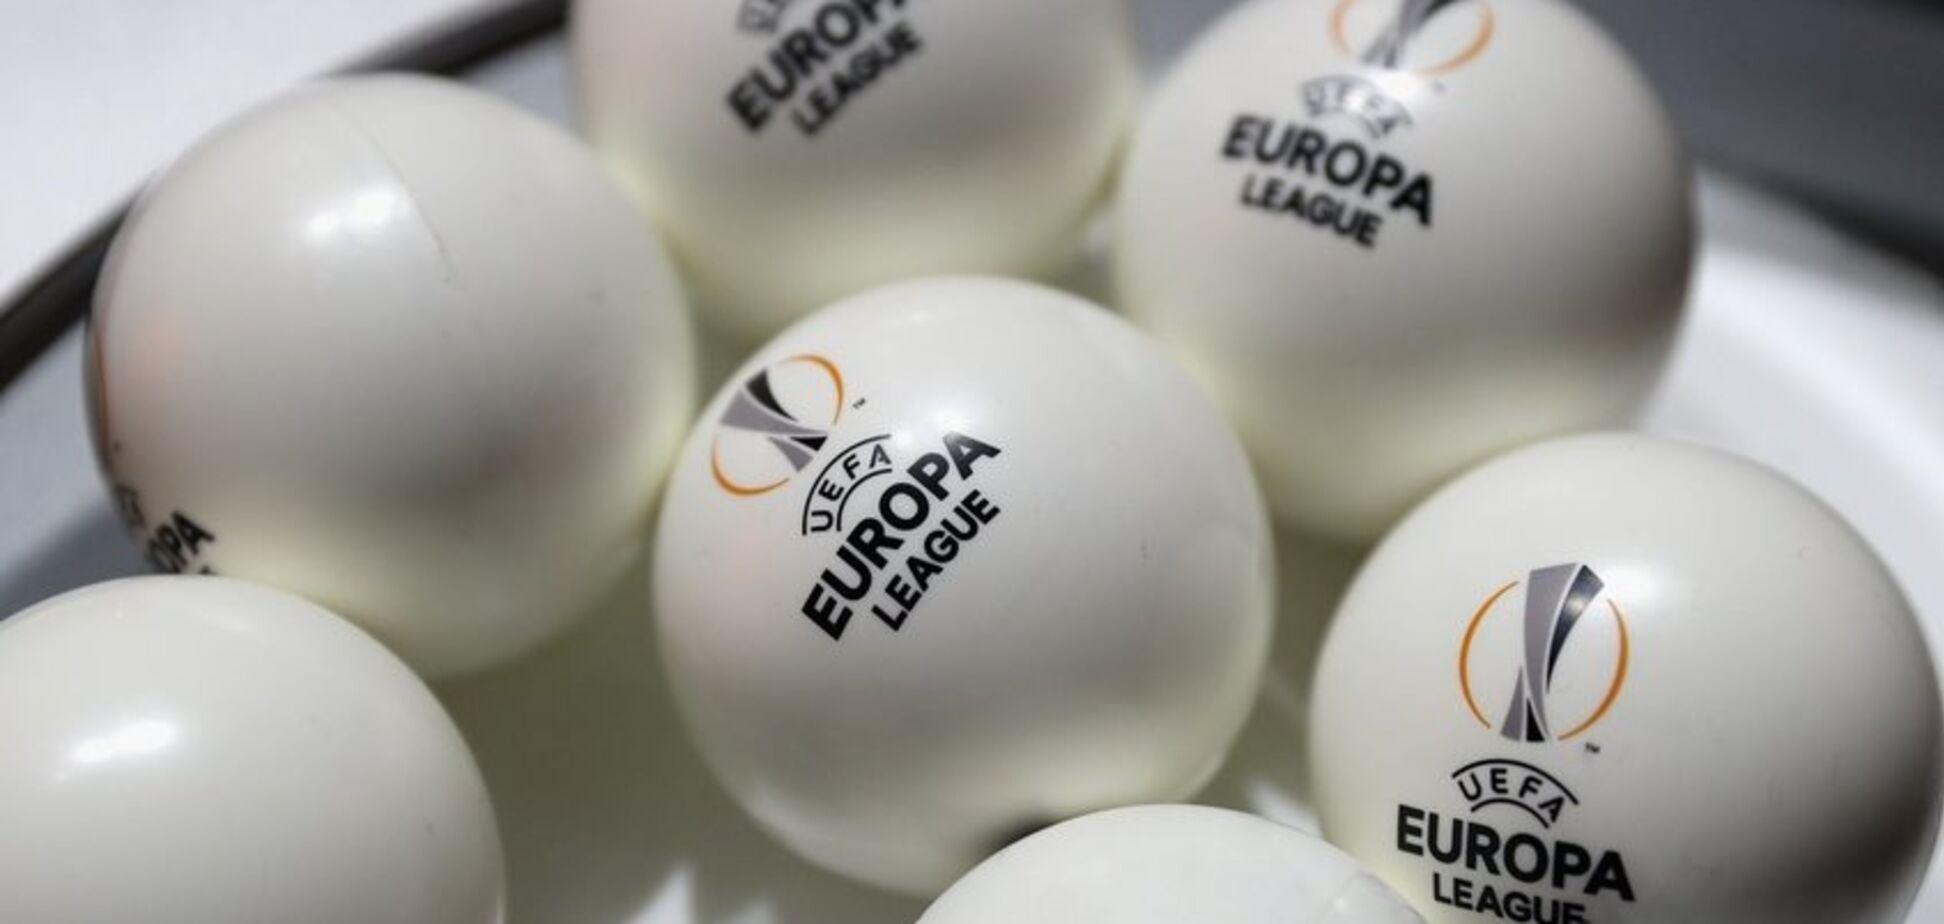 Відбулося жеребкування 1/16 фіналу Ліги Європи: всі результати